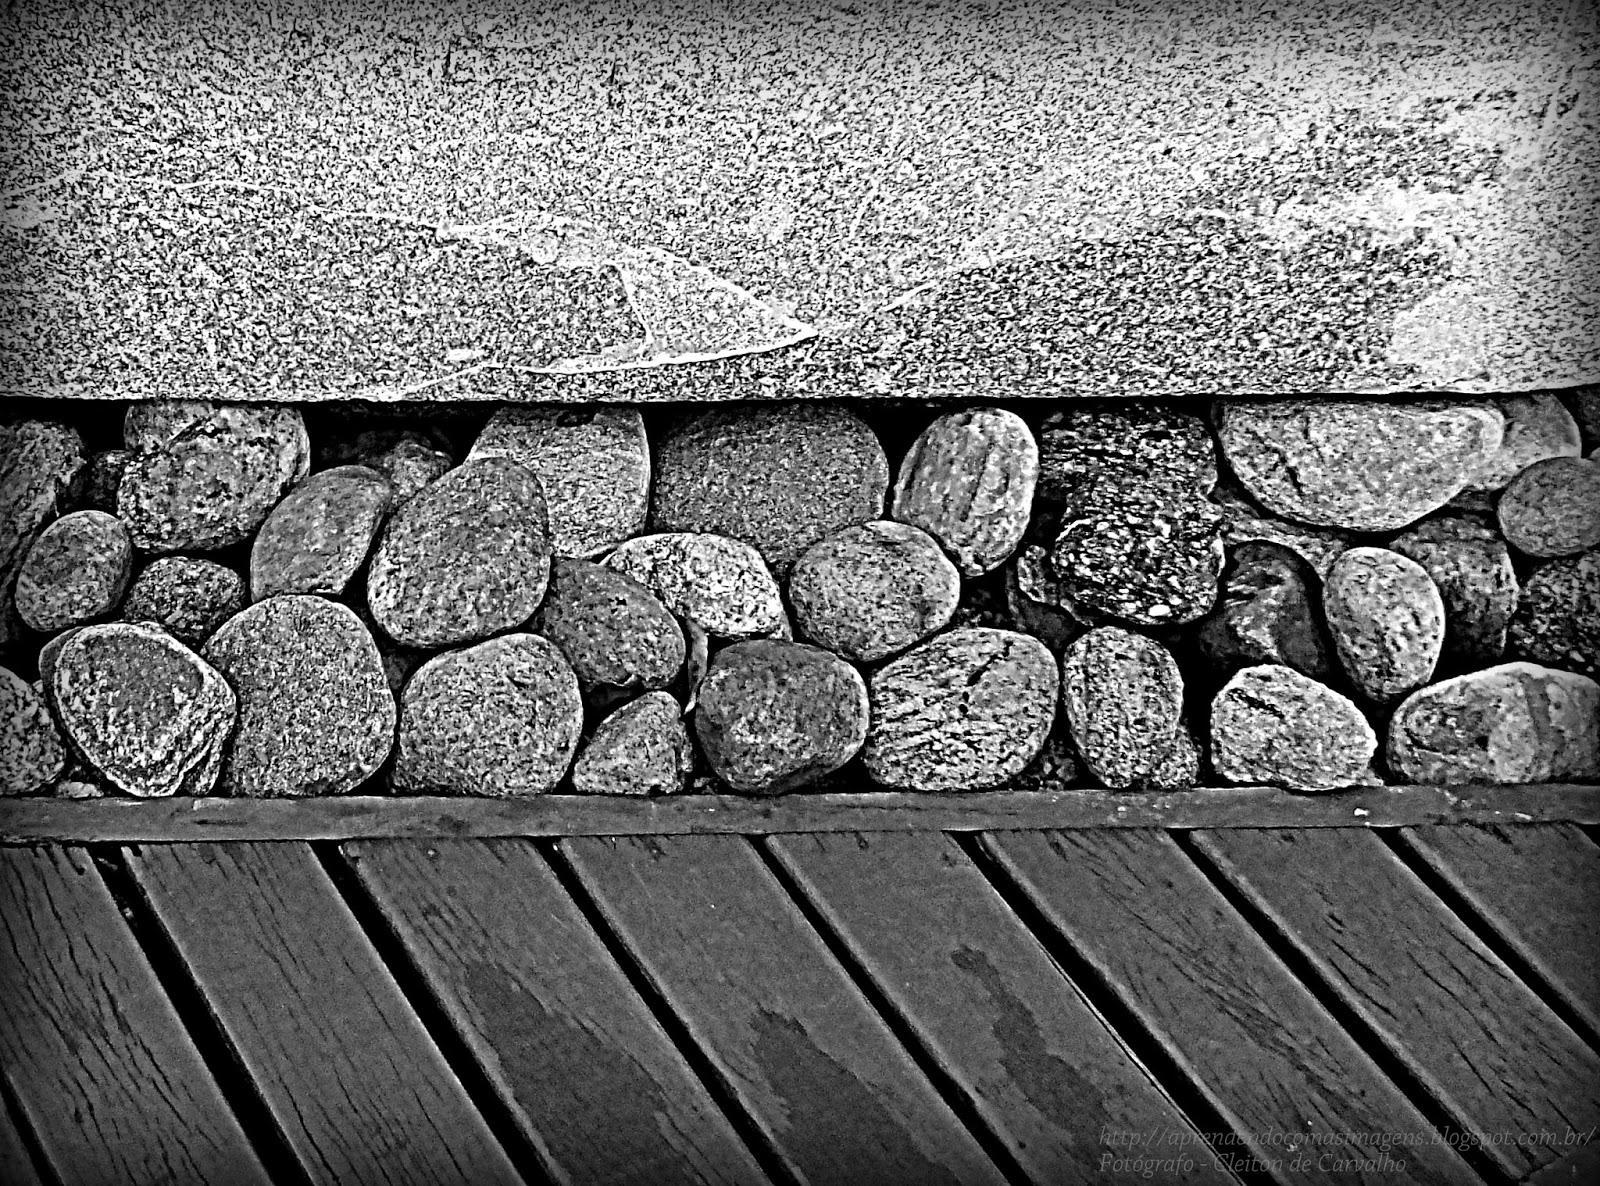 http://aprendendocomasimagens.blogspot.com/2013/10/o-abstrato-o-imaginario-que-e_5.html - Em formas e composição, buscamos na visão de cada imaginário, Um sentido para Benevolência e Conferência de cada imagem...